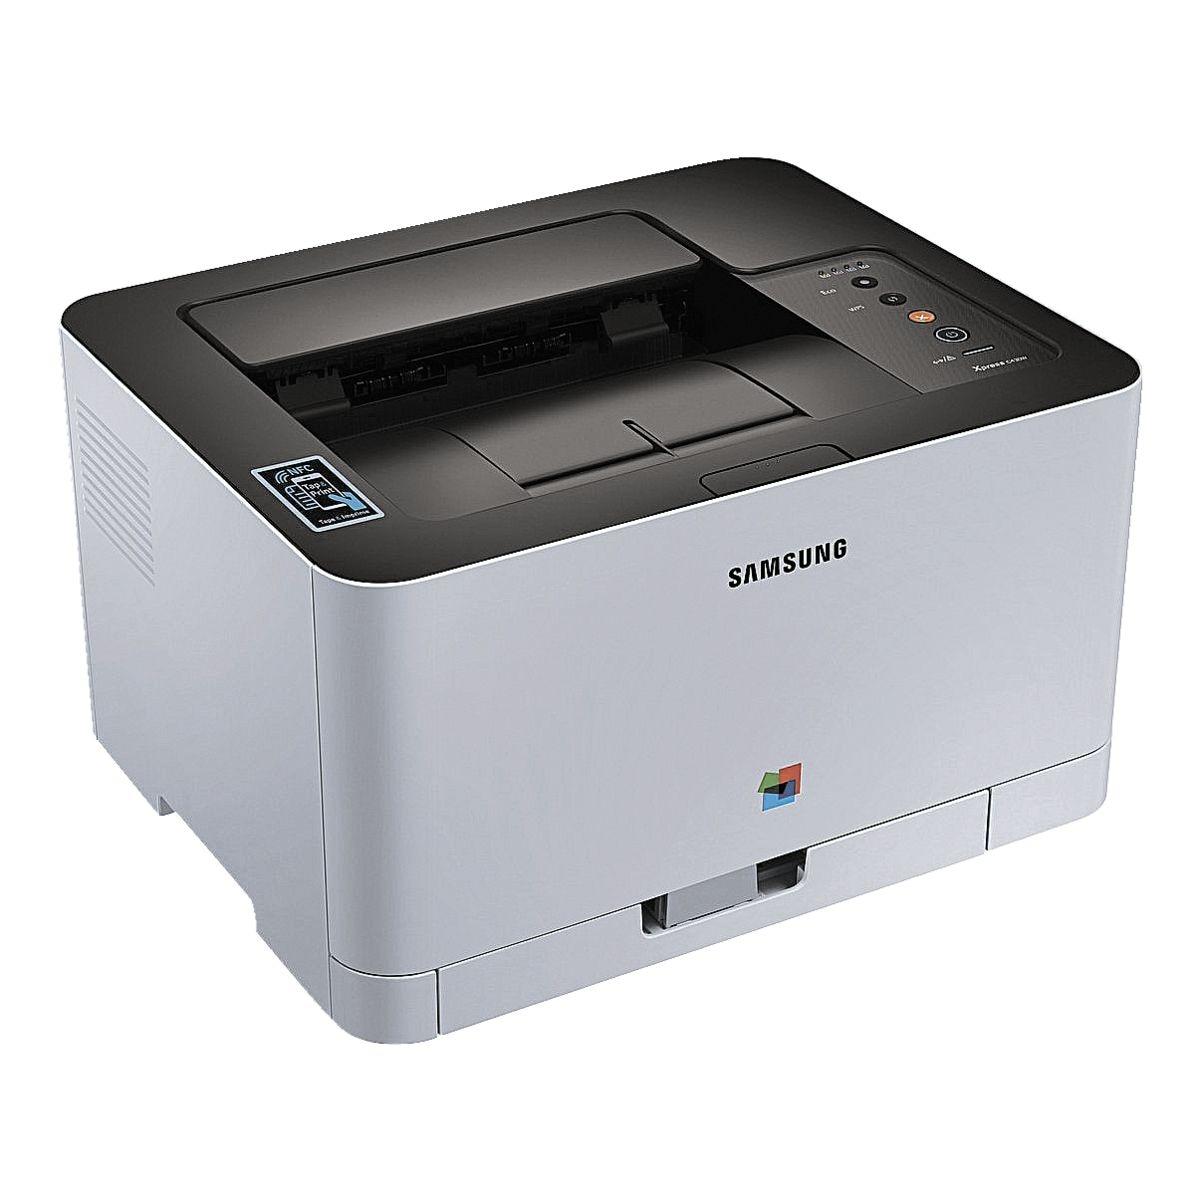 Samsung Farblaserdrucker »Xpress C430W«